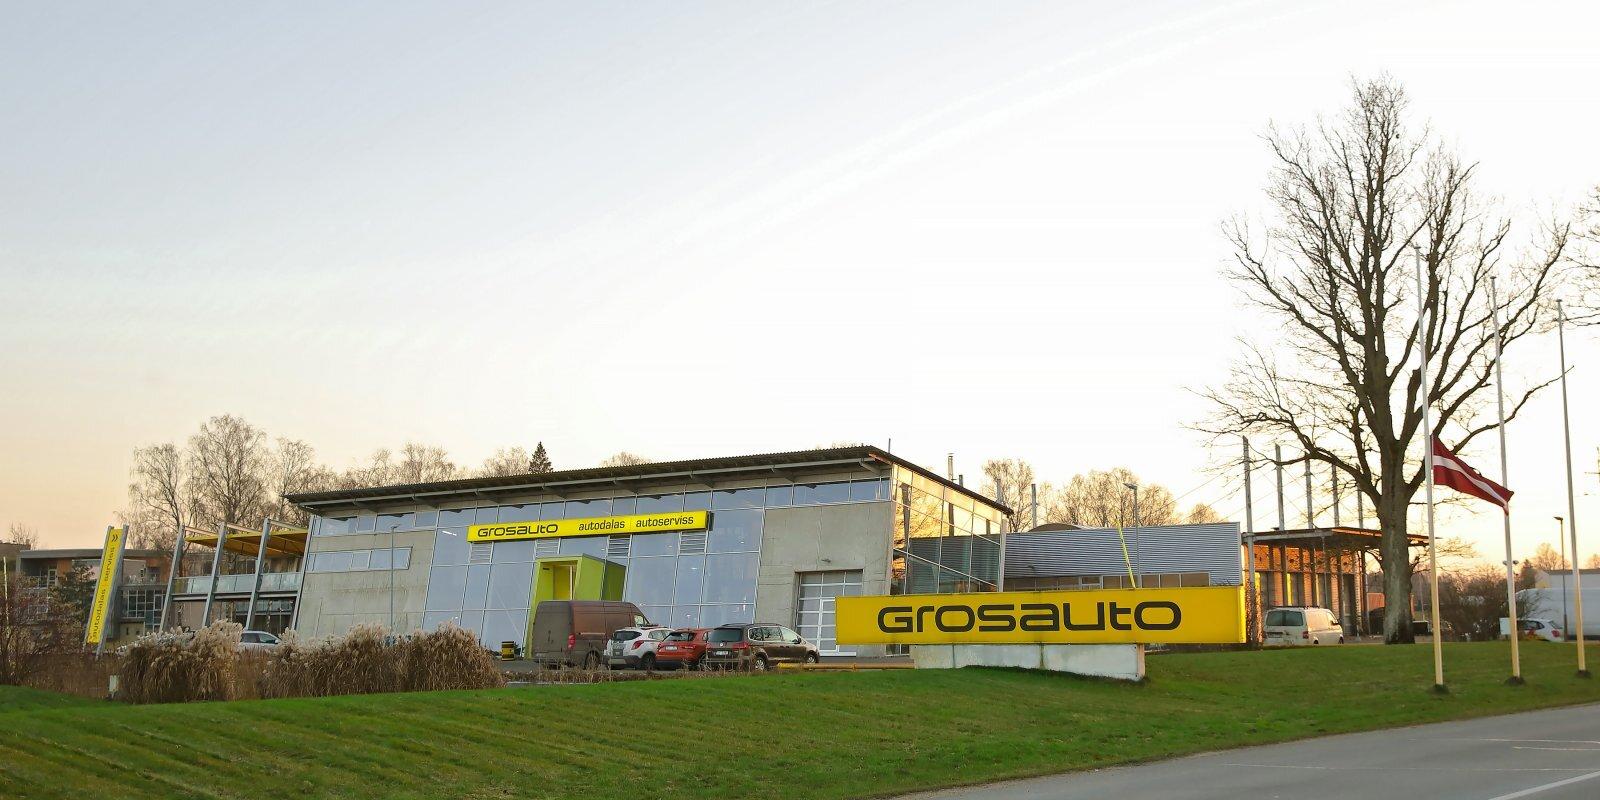 Спасение автобизнеса: что для новых владельцев Gros Auto означает смерть Гроскопса и миллионные долги